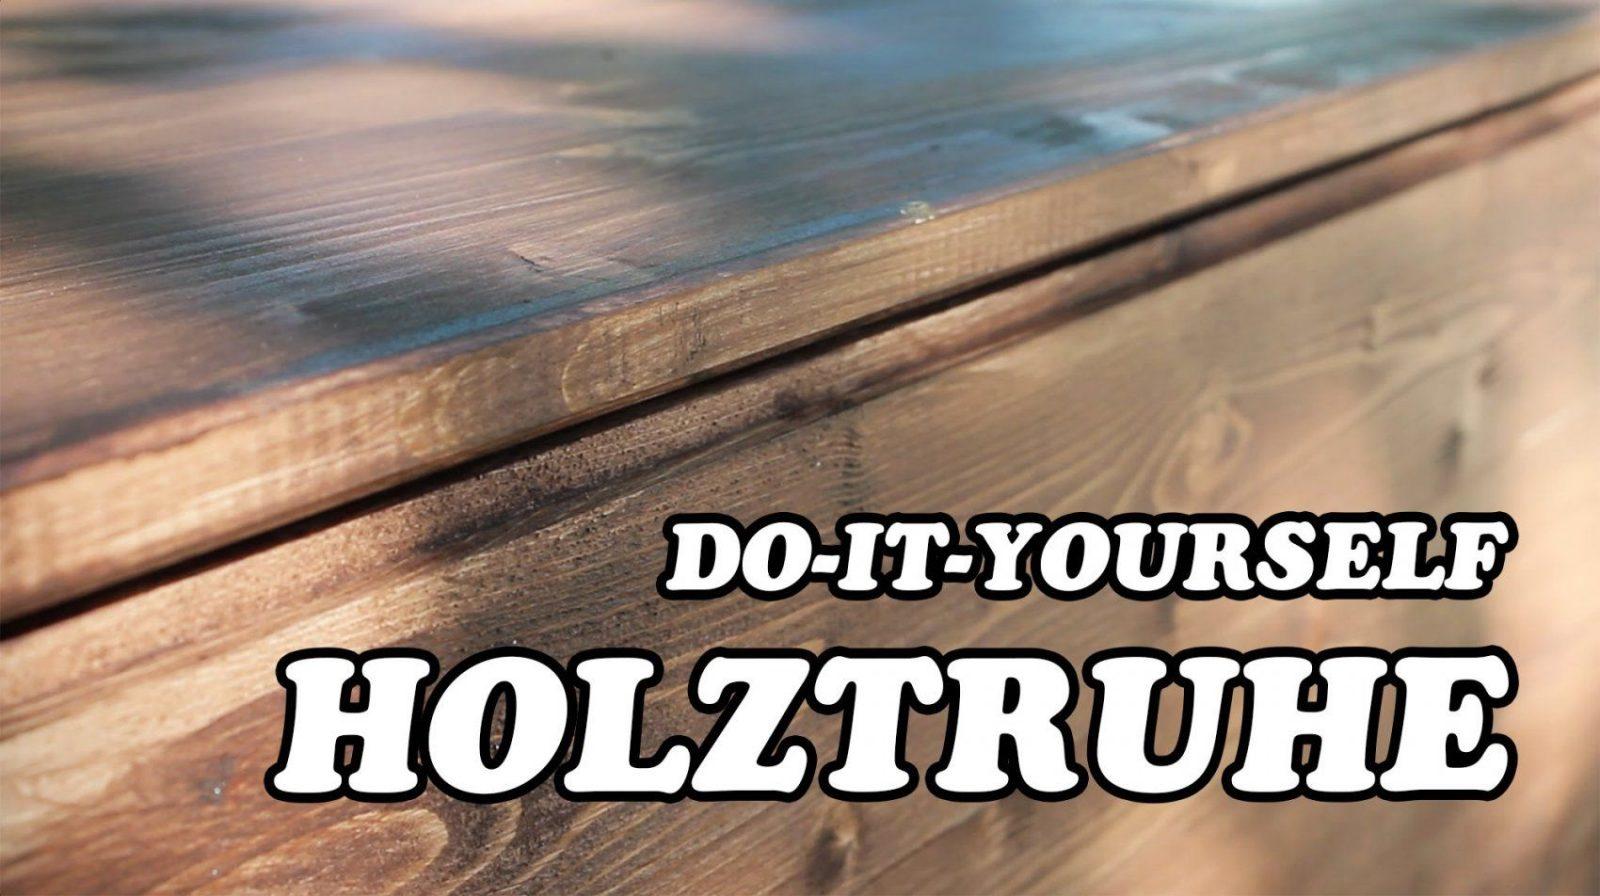 Holztruhe Selbst Herstellen  Youtube von Holztruhe Selber Bauen Anleitung Bild